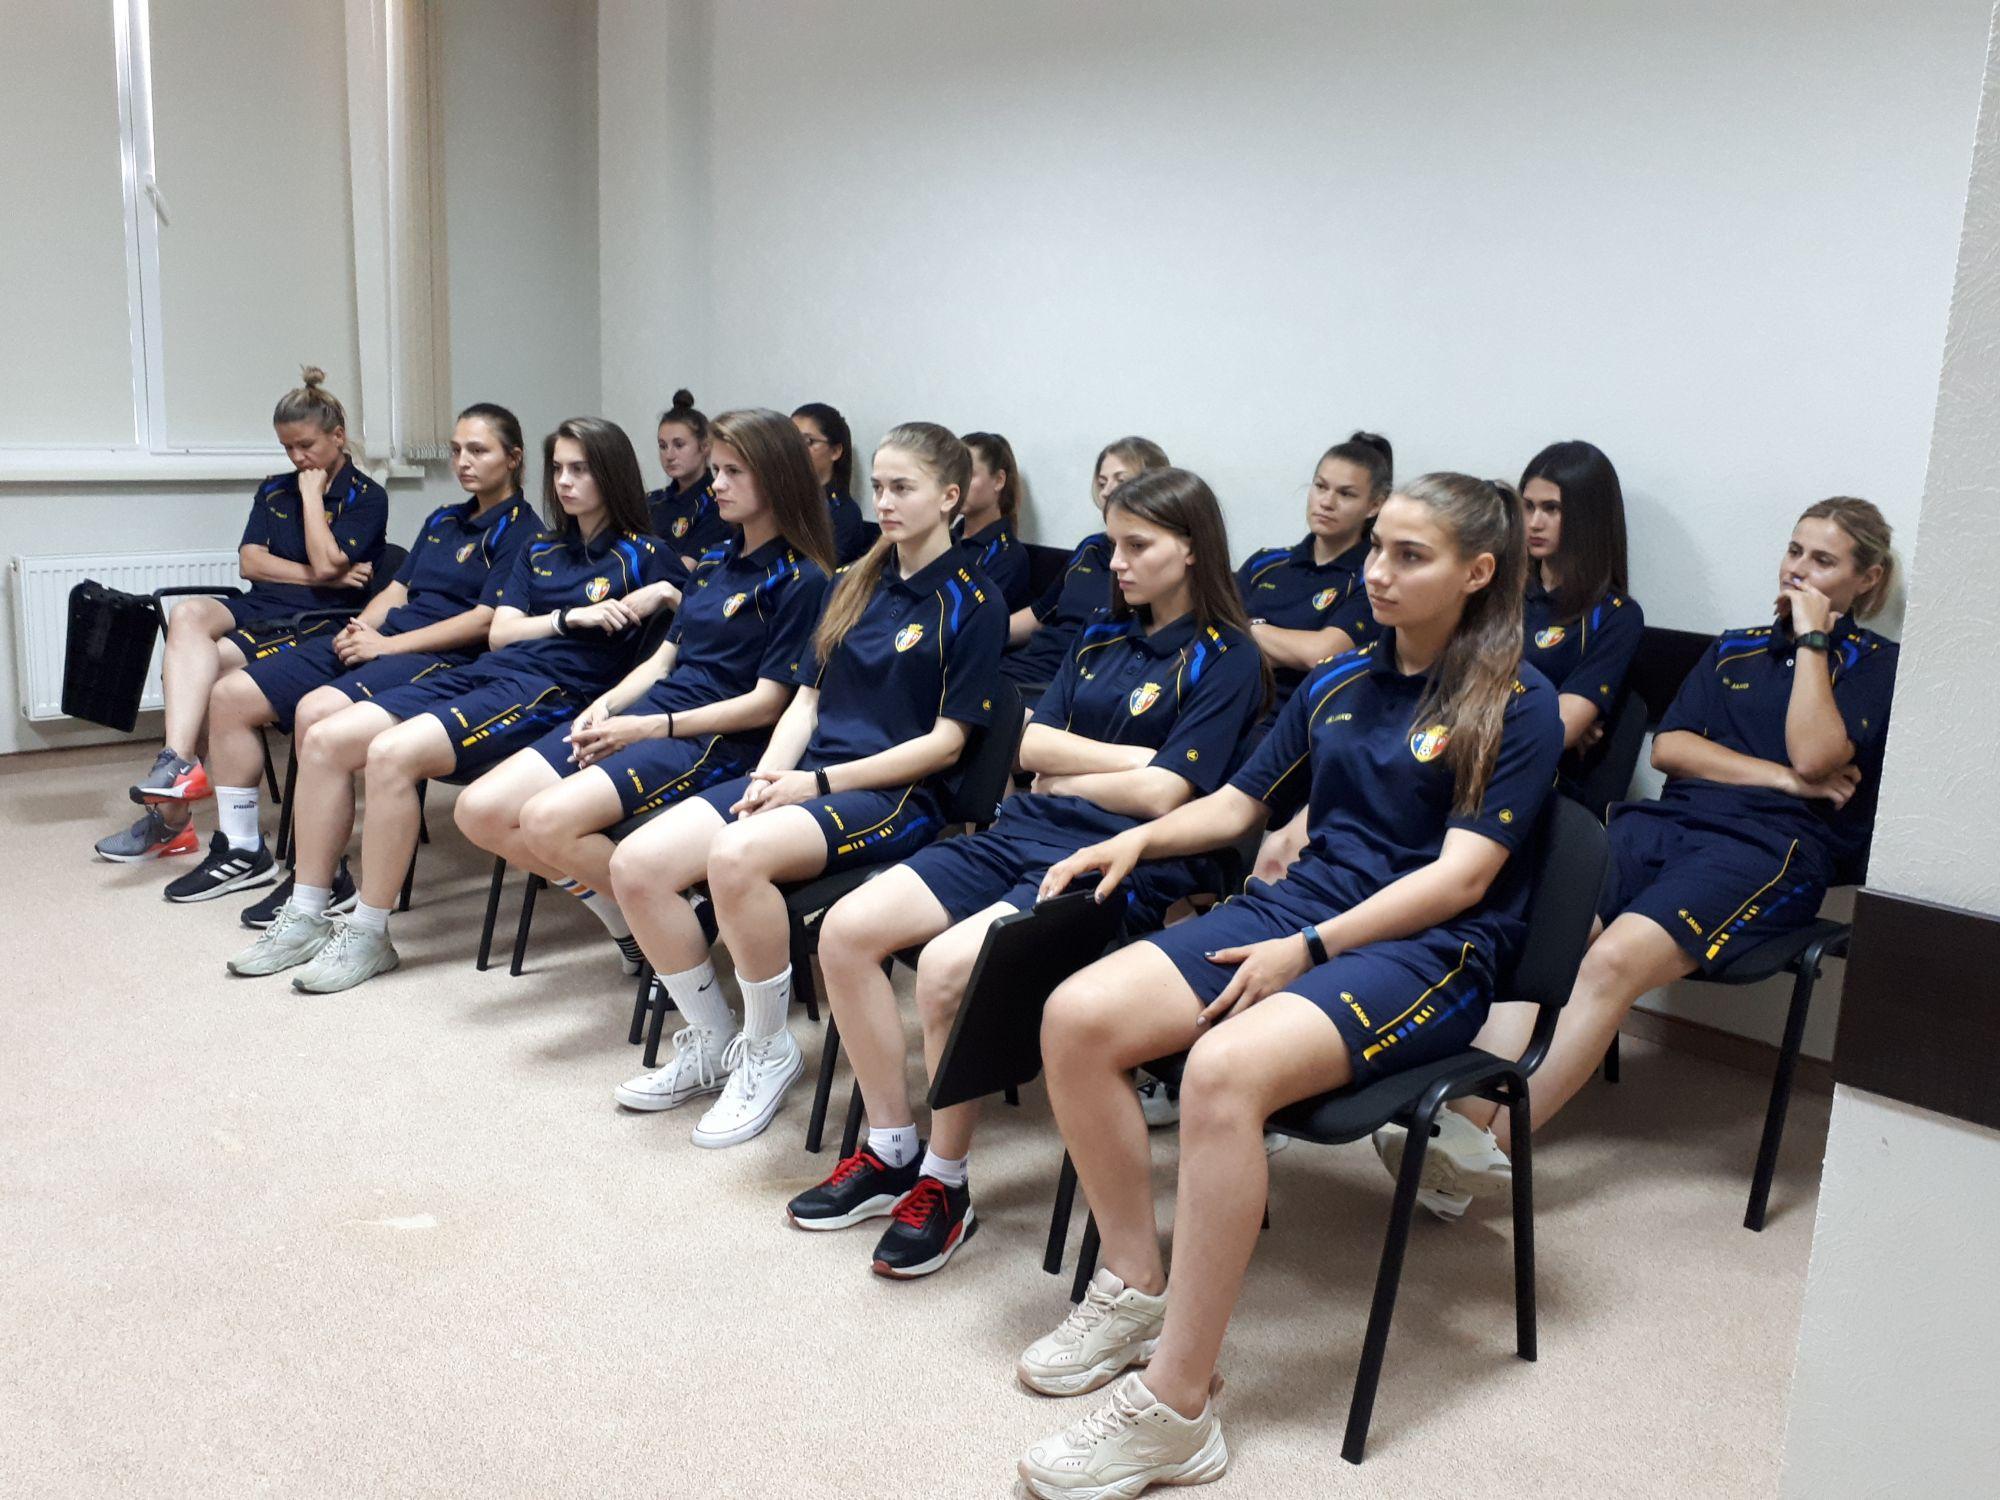 Naționala feminină a Moldovei la forbal s-a reunit într-o ședință. Detalii!